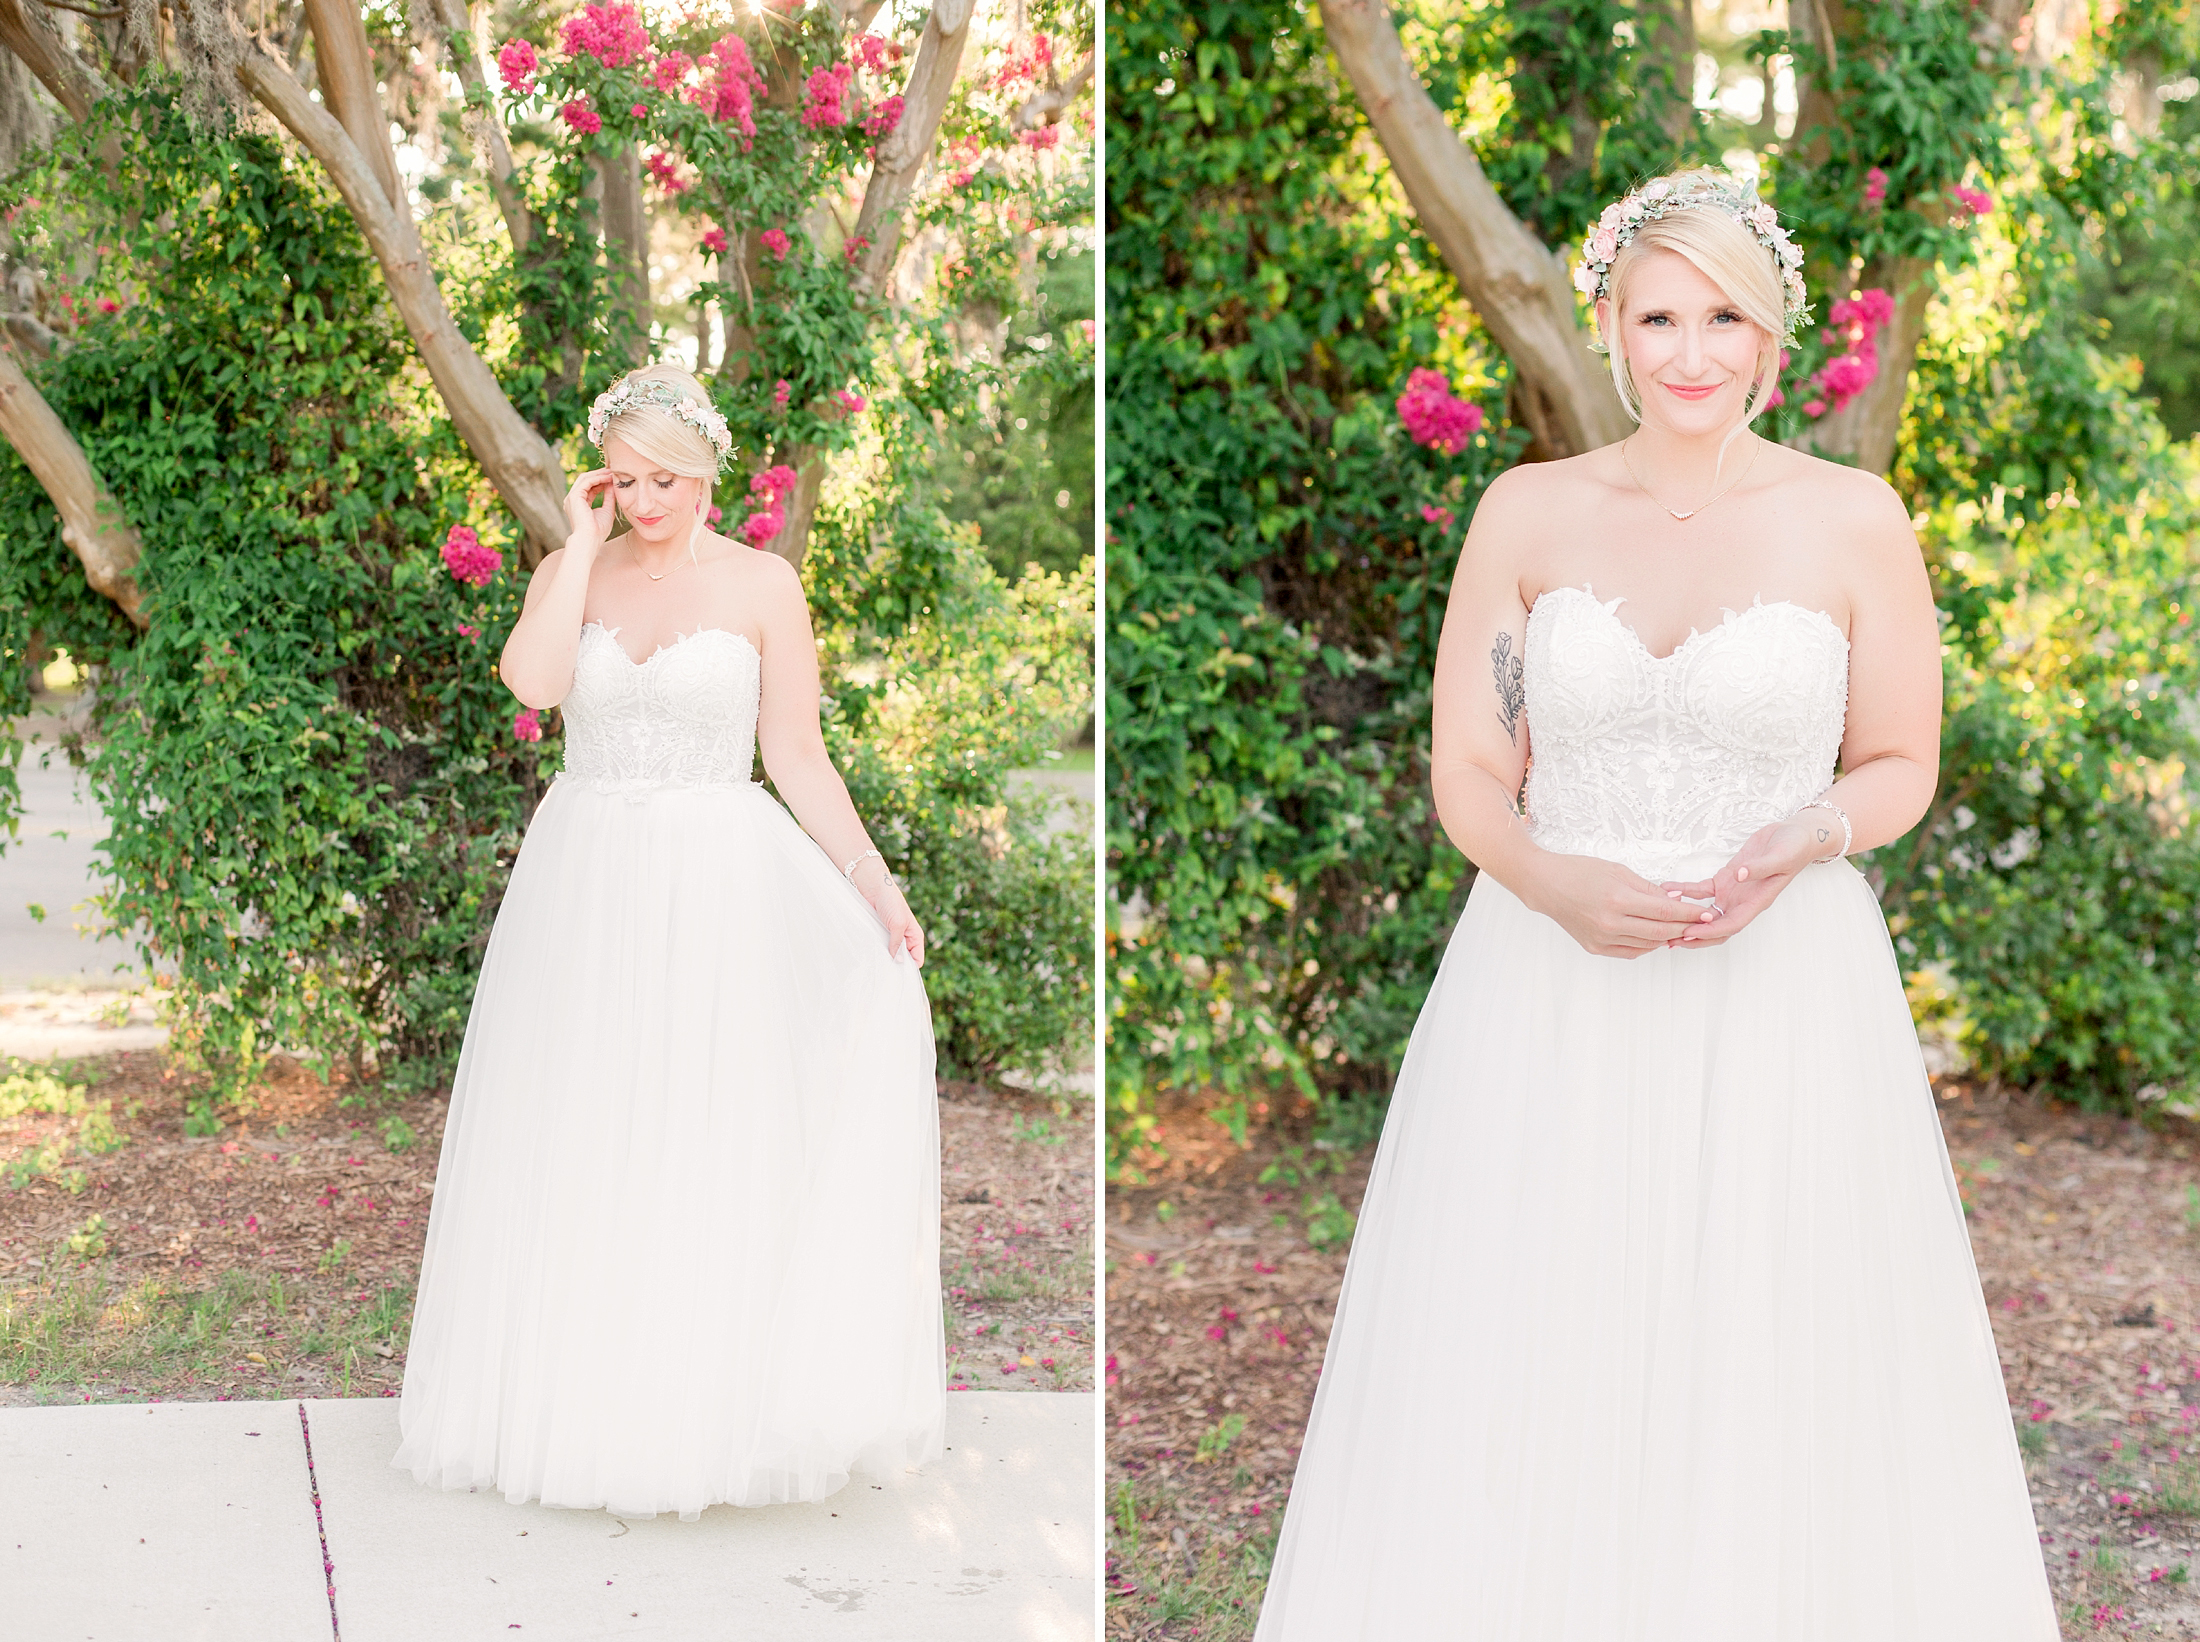 wilmington-bridal-portraits